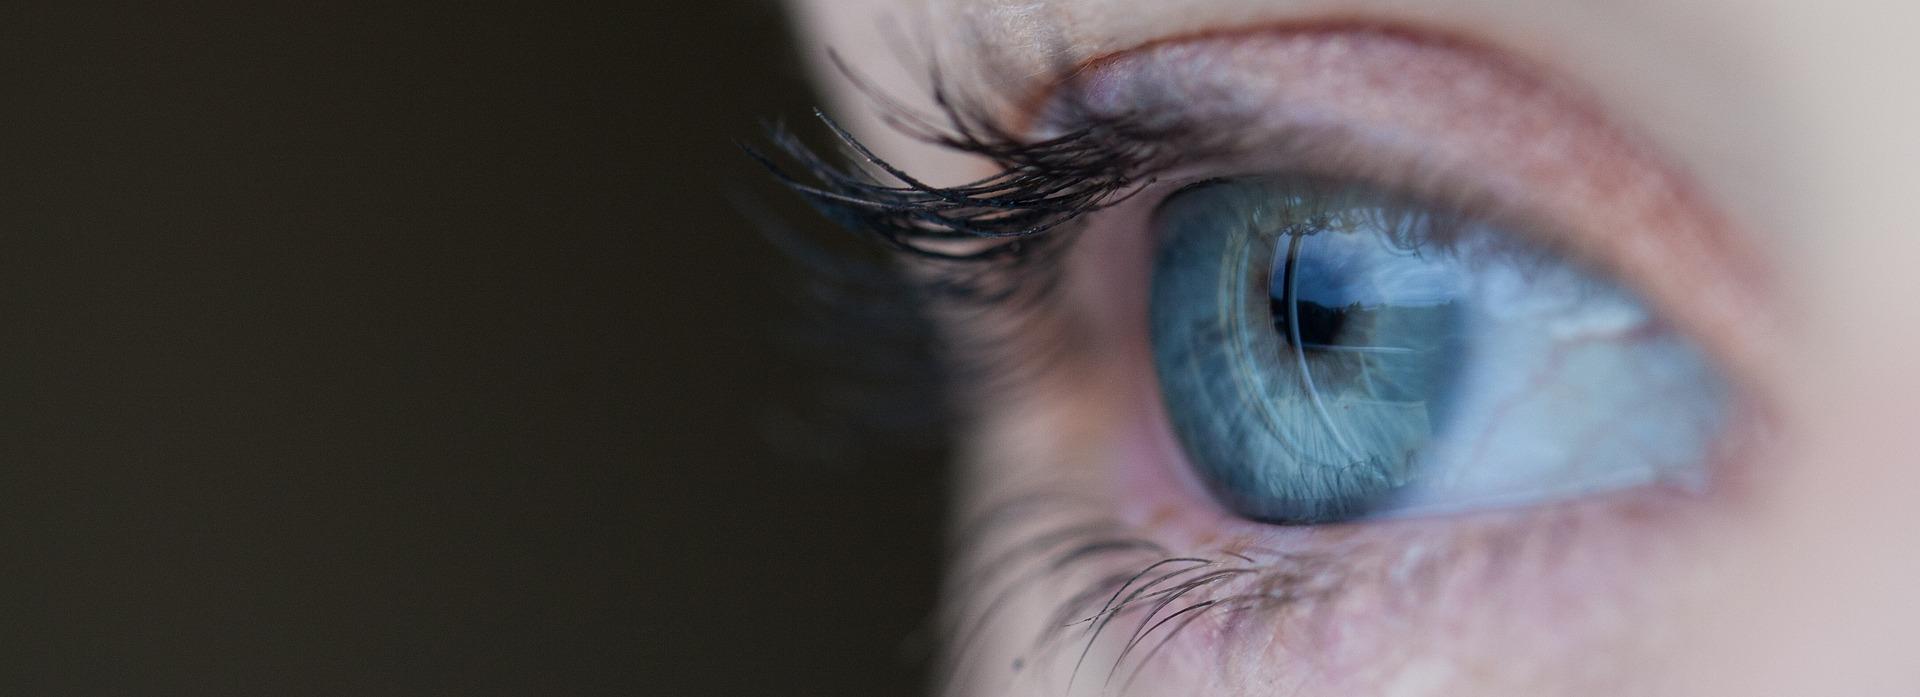 Ein Auge Toll Nicht Wahr sonst gibts nichts zu sehen